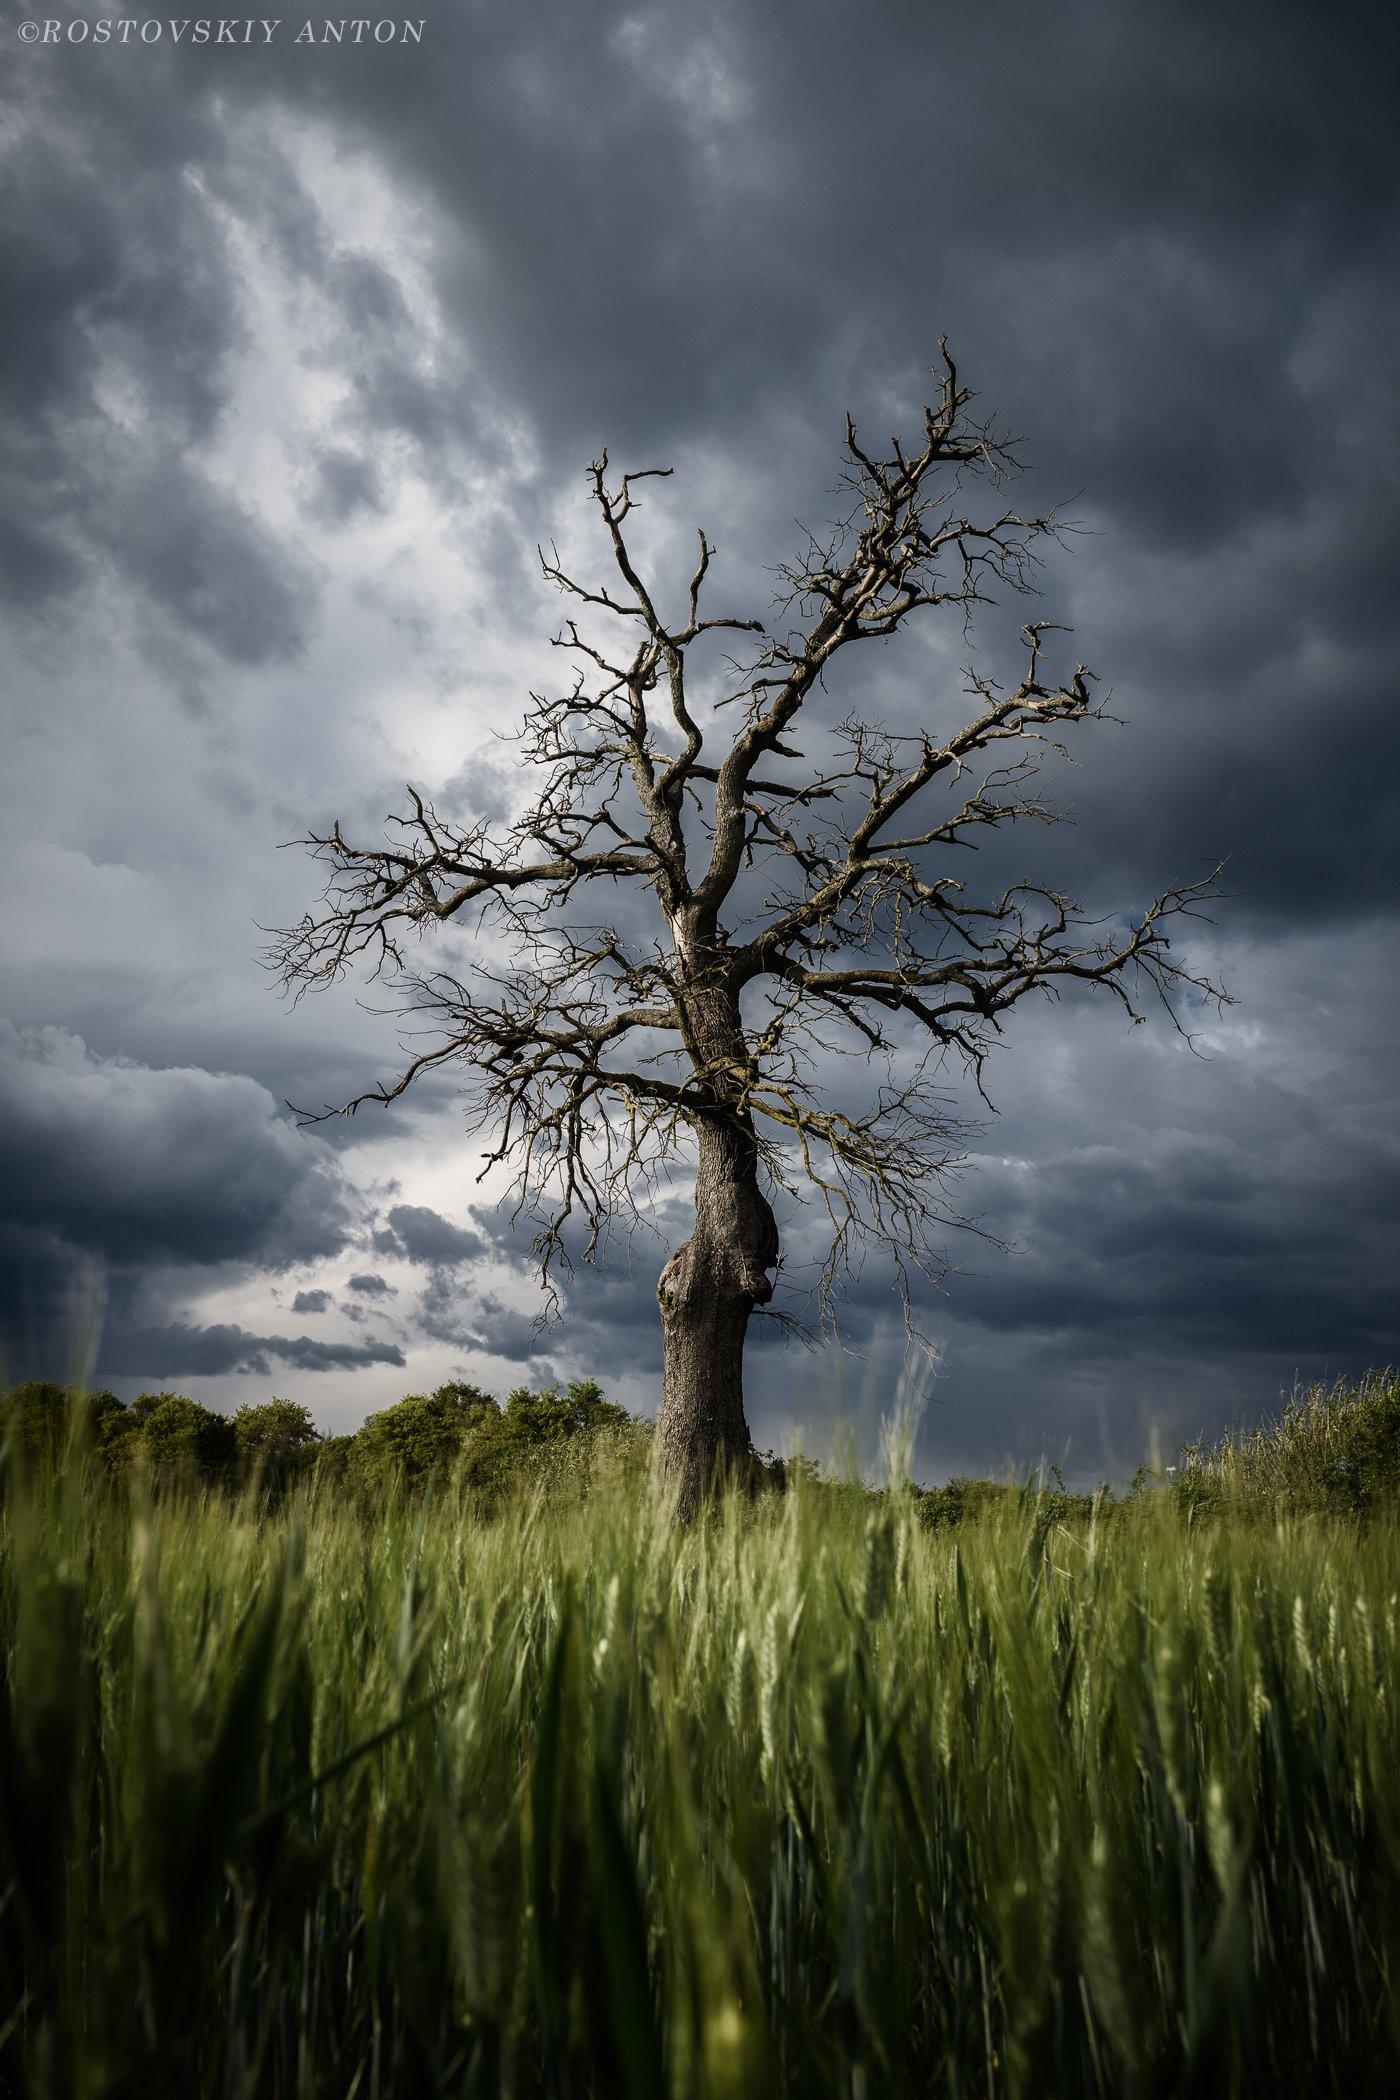 фототур, Тоскана, Италия, фотопеткшкствие, дерево, гроза, тучи,, Ростовский Антон